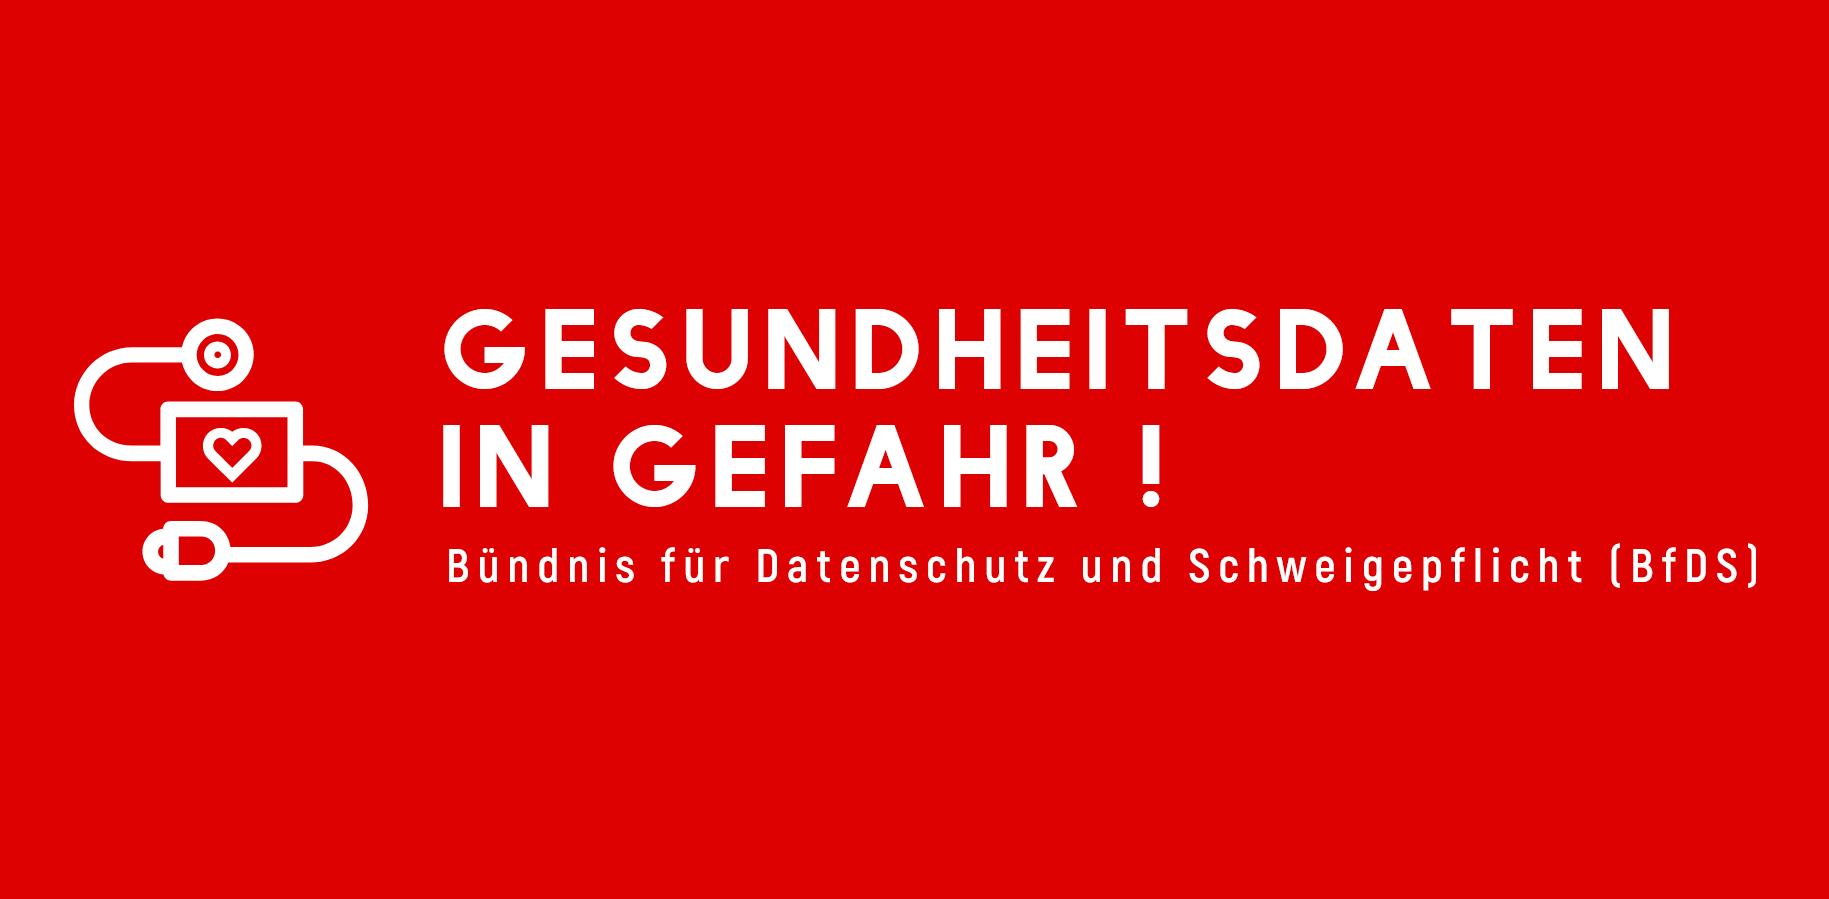 Gesundheitsdaten in Gefahr ! – Bündnis für Datenschutz und Schweigepflicht (BfDS)